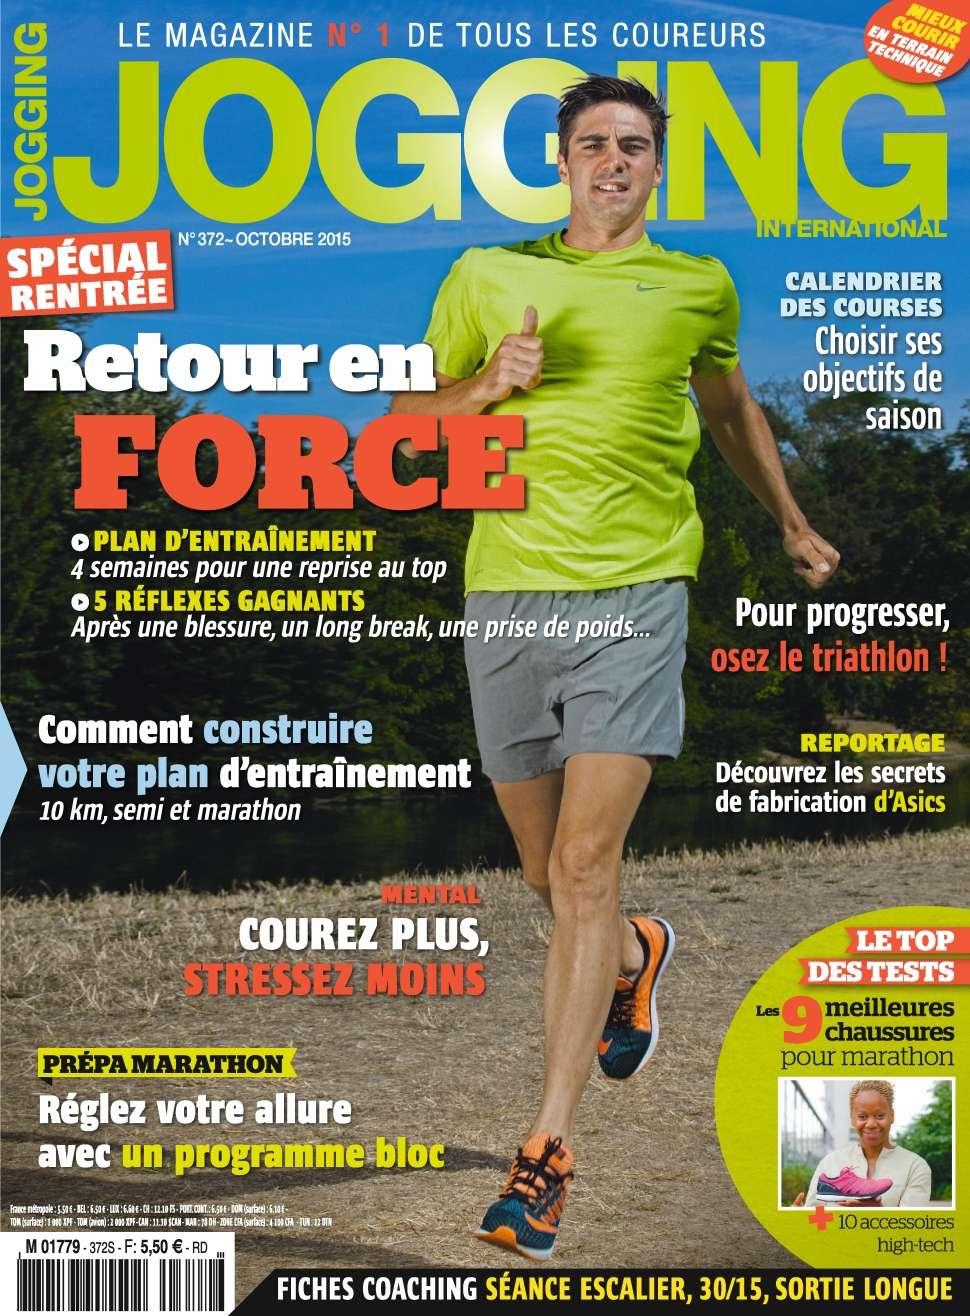 Jogging International 372 - Octobre 2015